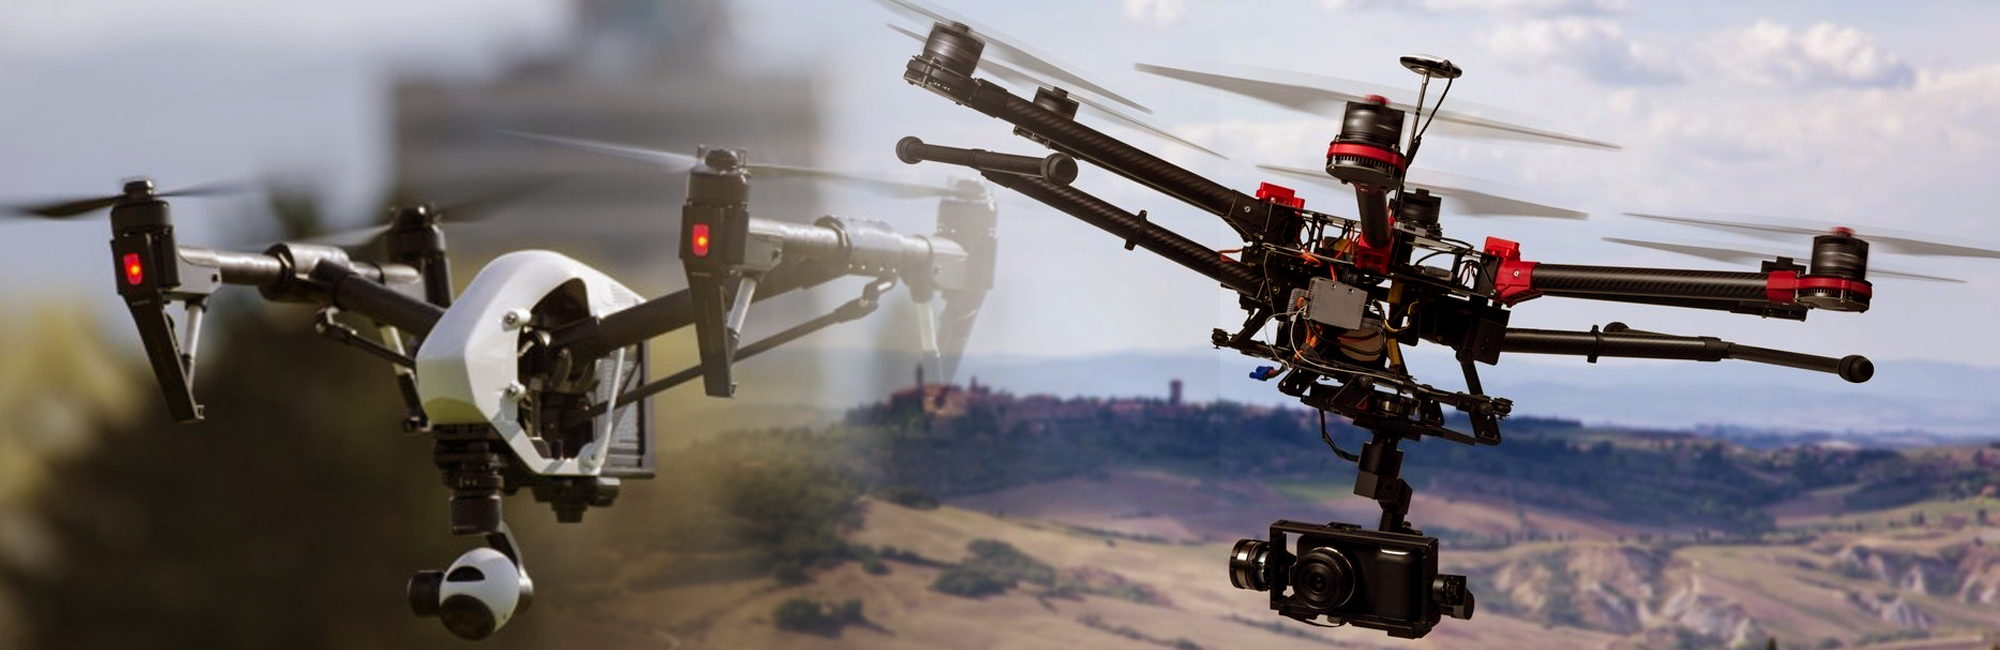 foto e video drone